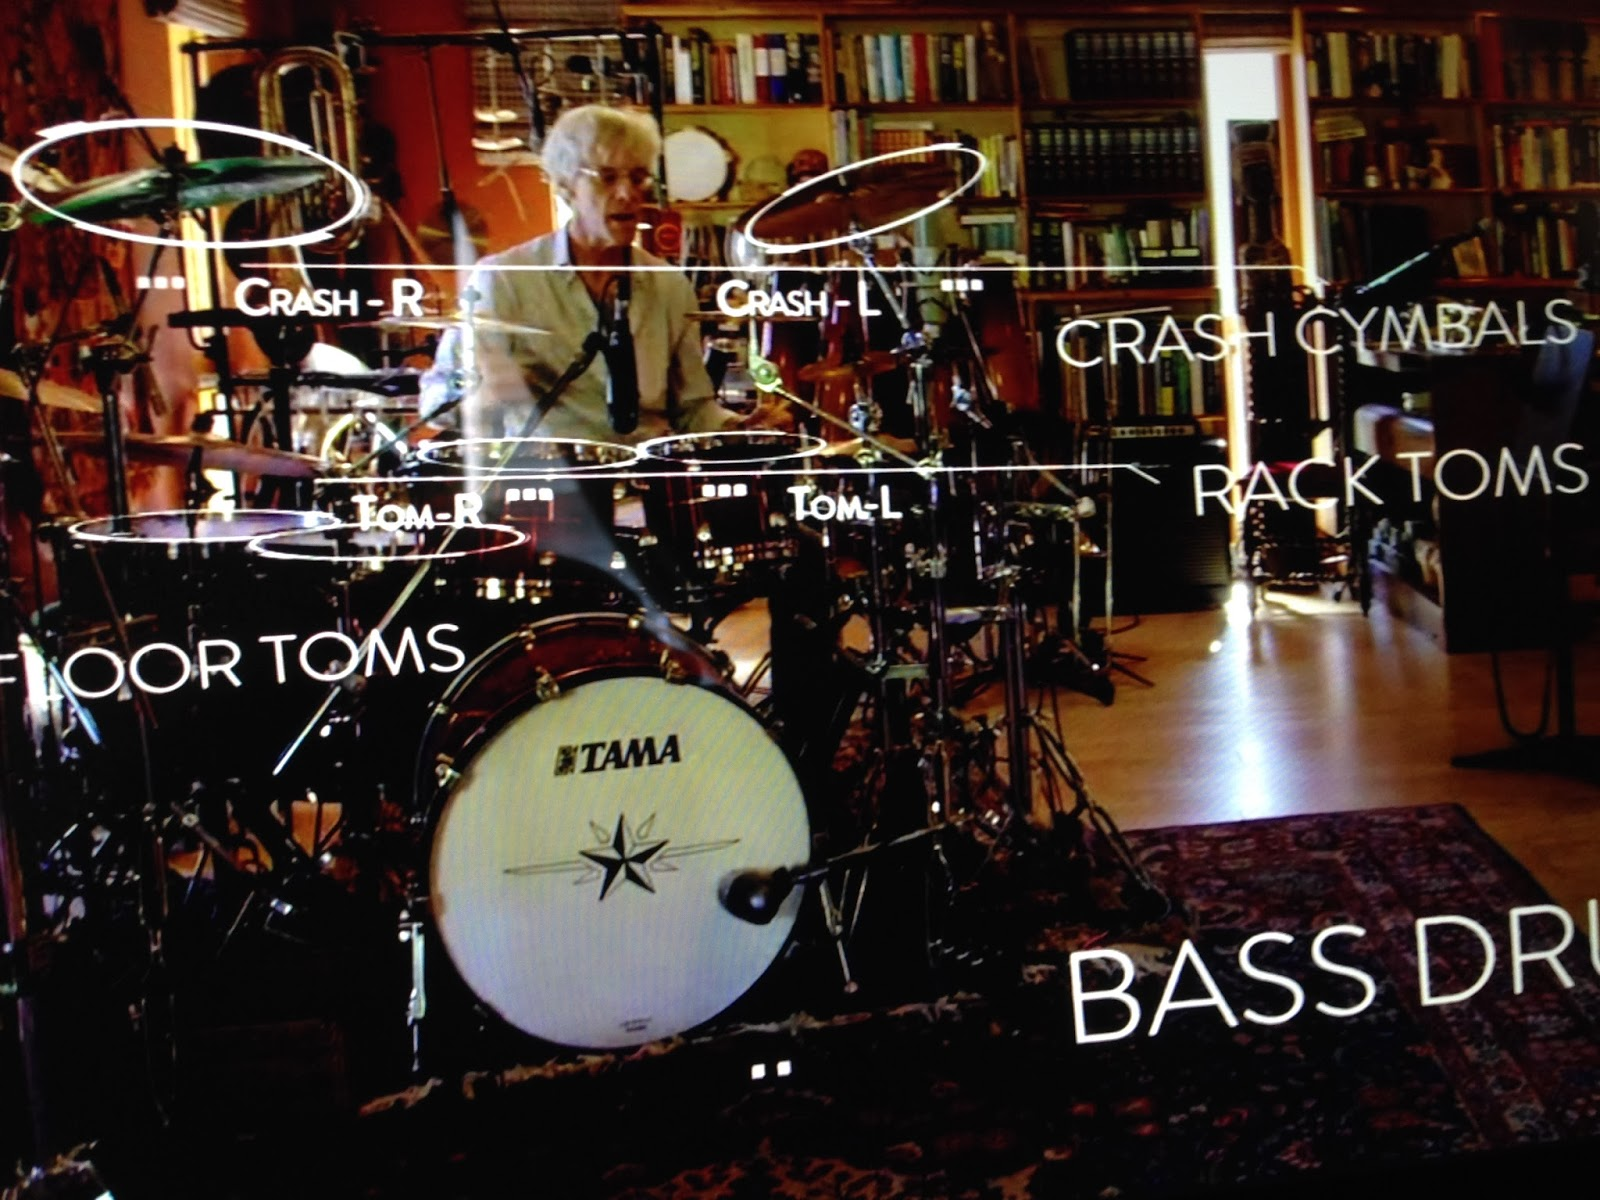 Tim ferriss drums